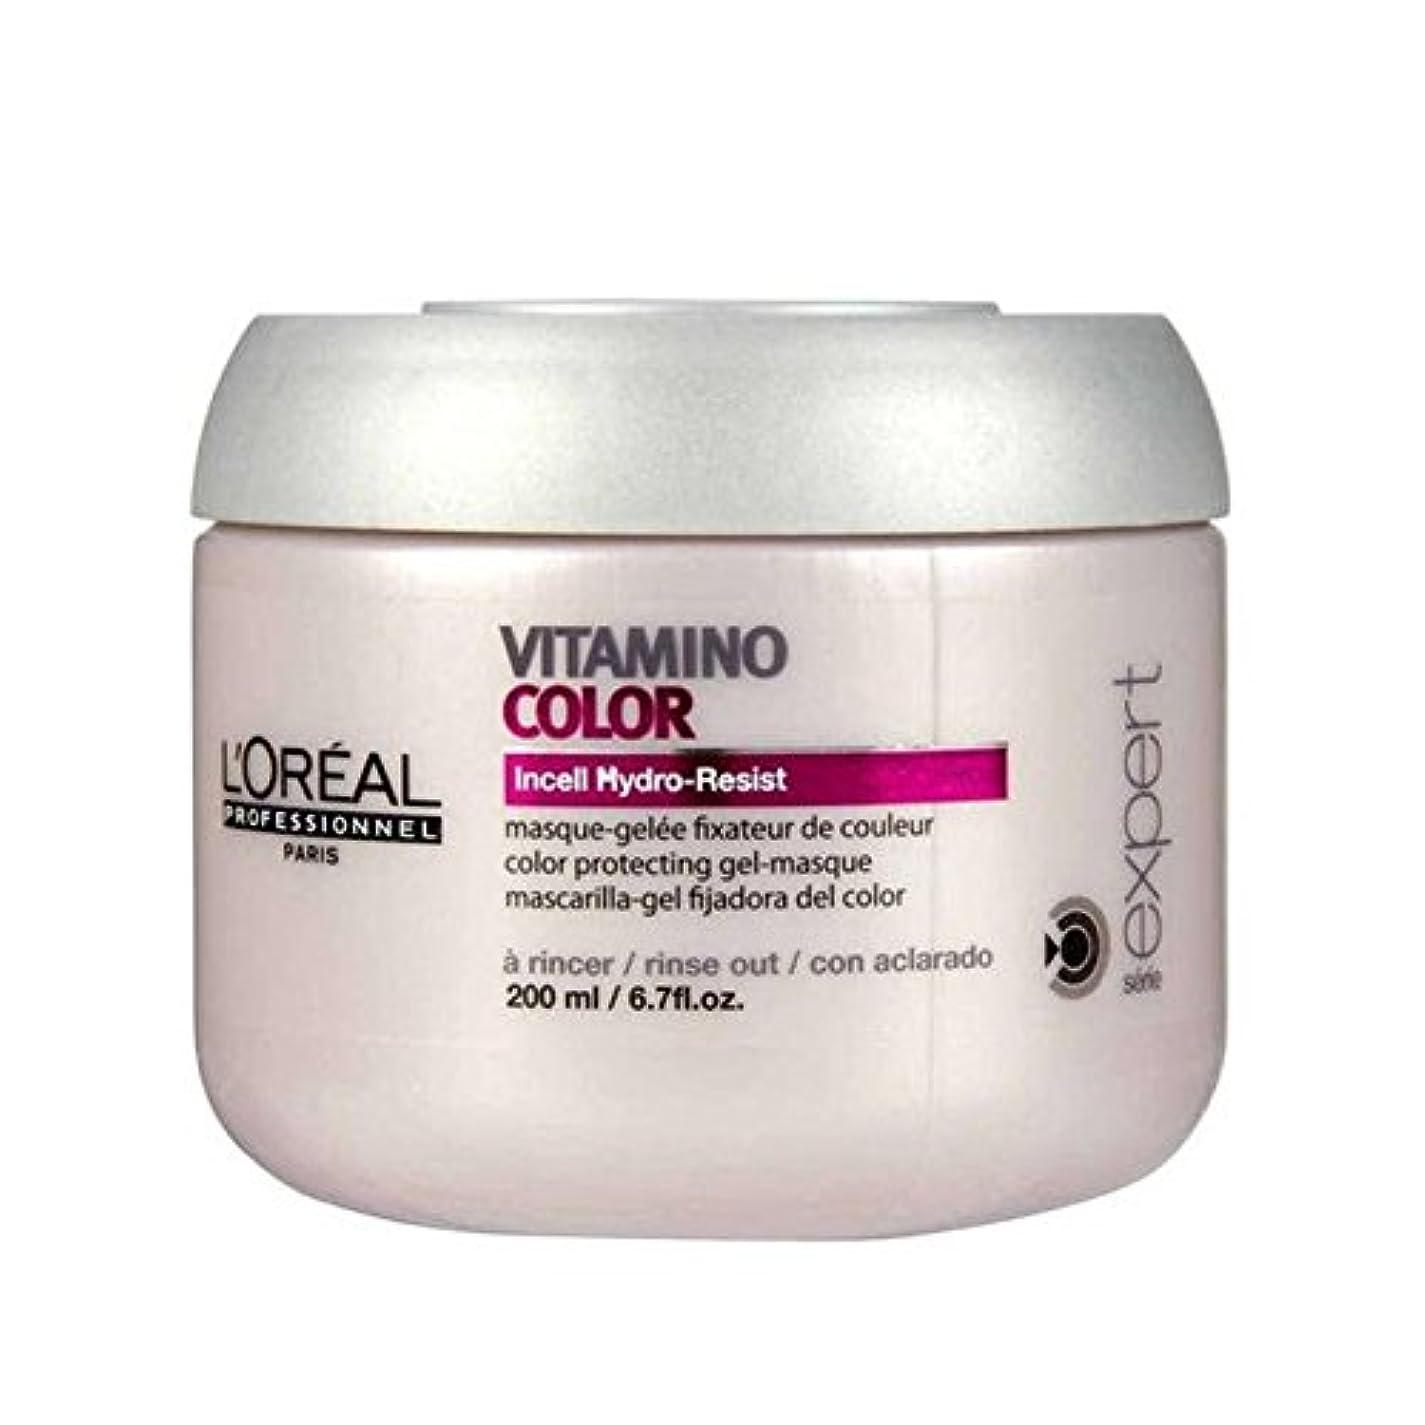 古い憲法戦術L'Oreal Professionnel Serie Expert Vitamino Color Masque (200ml) (Pack of 6) - ロレアルのプロフェッショナルは、専門家カラー仮面劇(200ミリリットル)をセリエ x6 [並行輸入品]